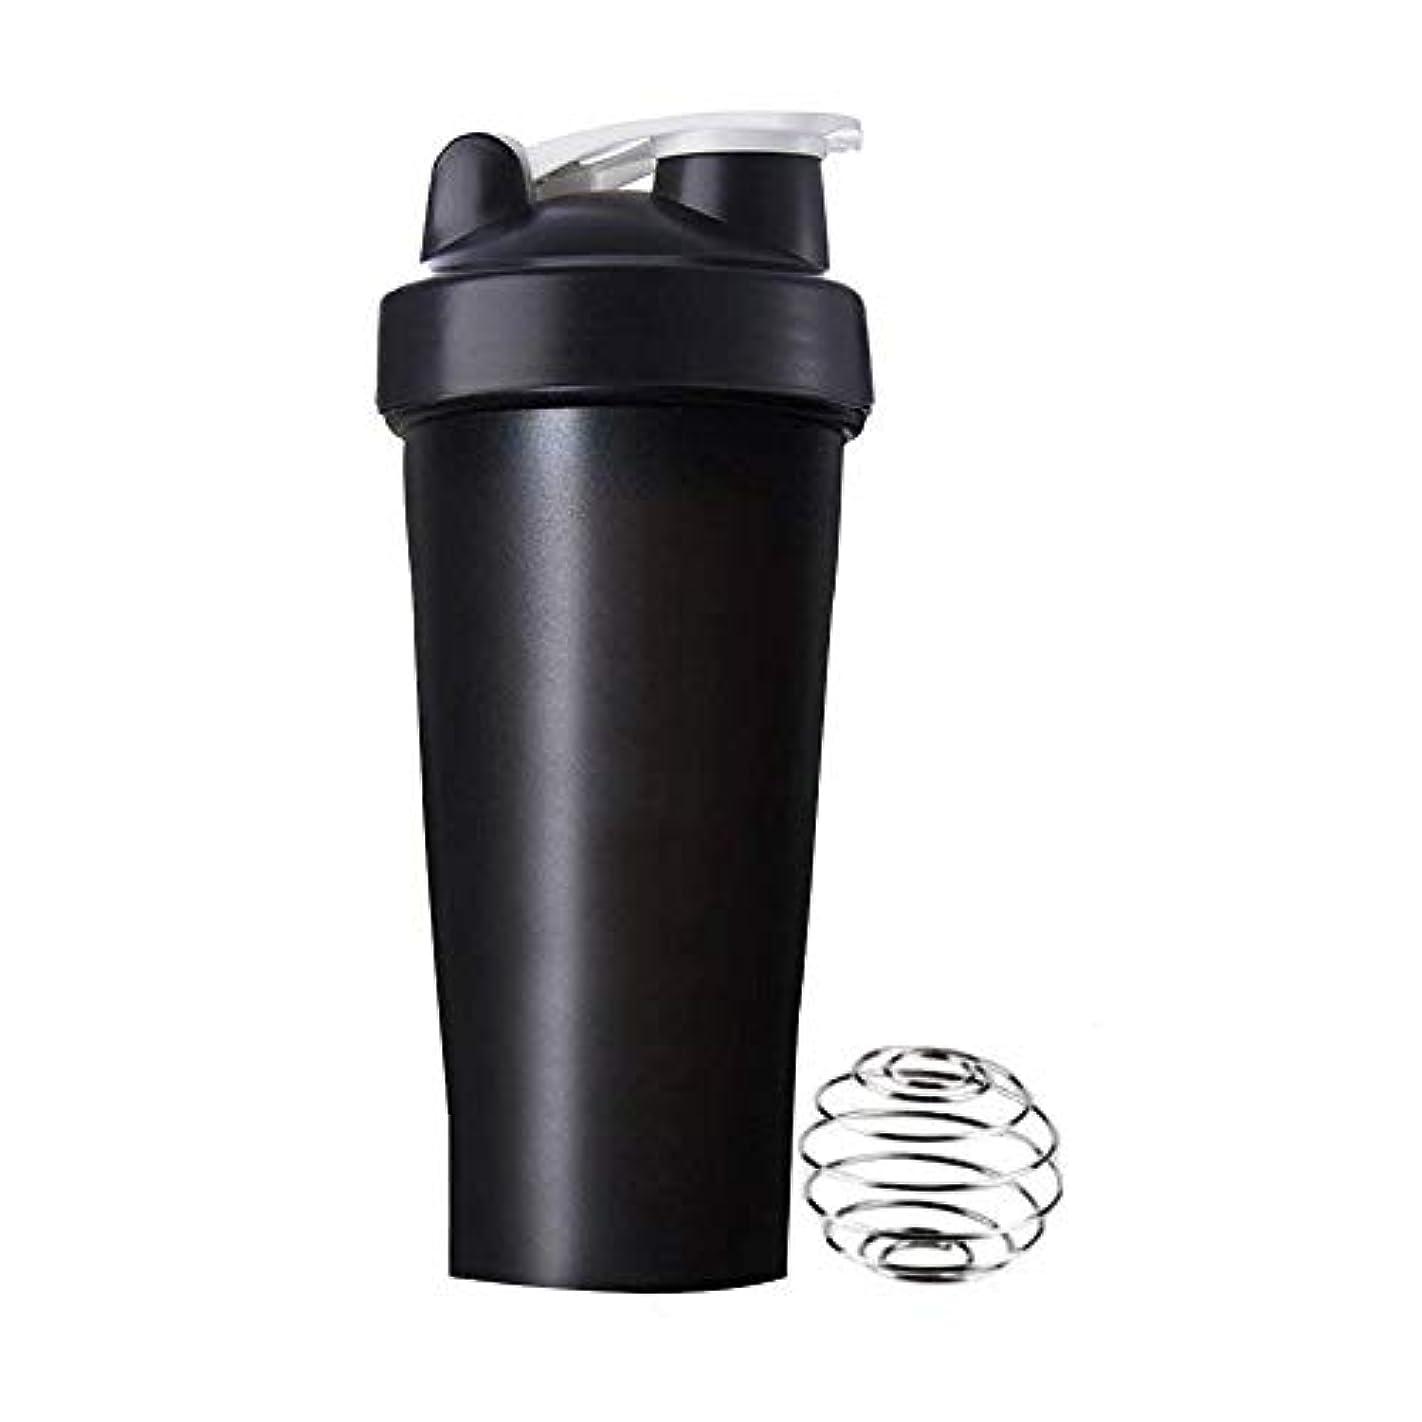 マークダウン高度な才能のあるRoman Center プロテインシェイカー 直飲み プラスチックウォーターボトル ジム シェーカーボトル 600ml